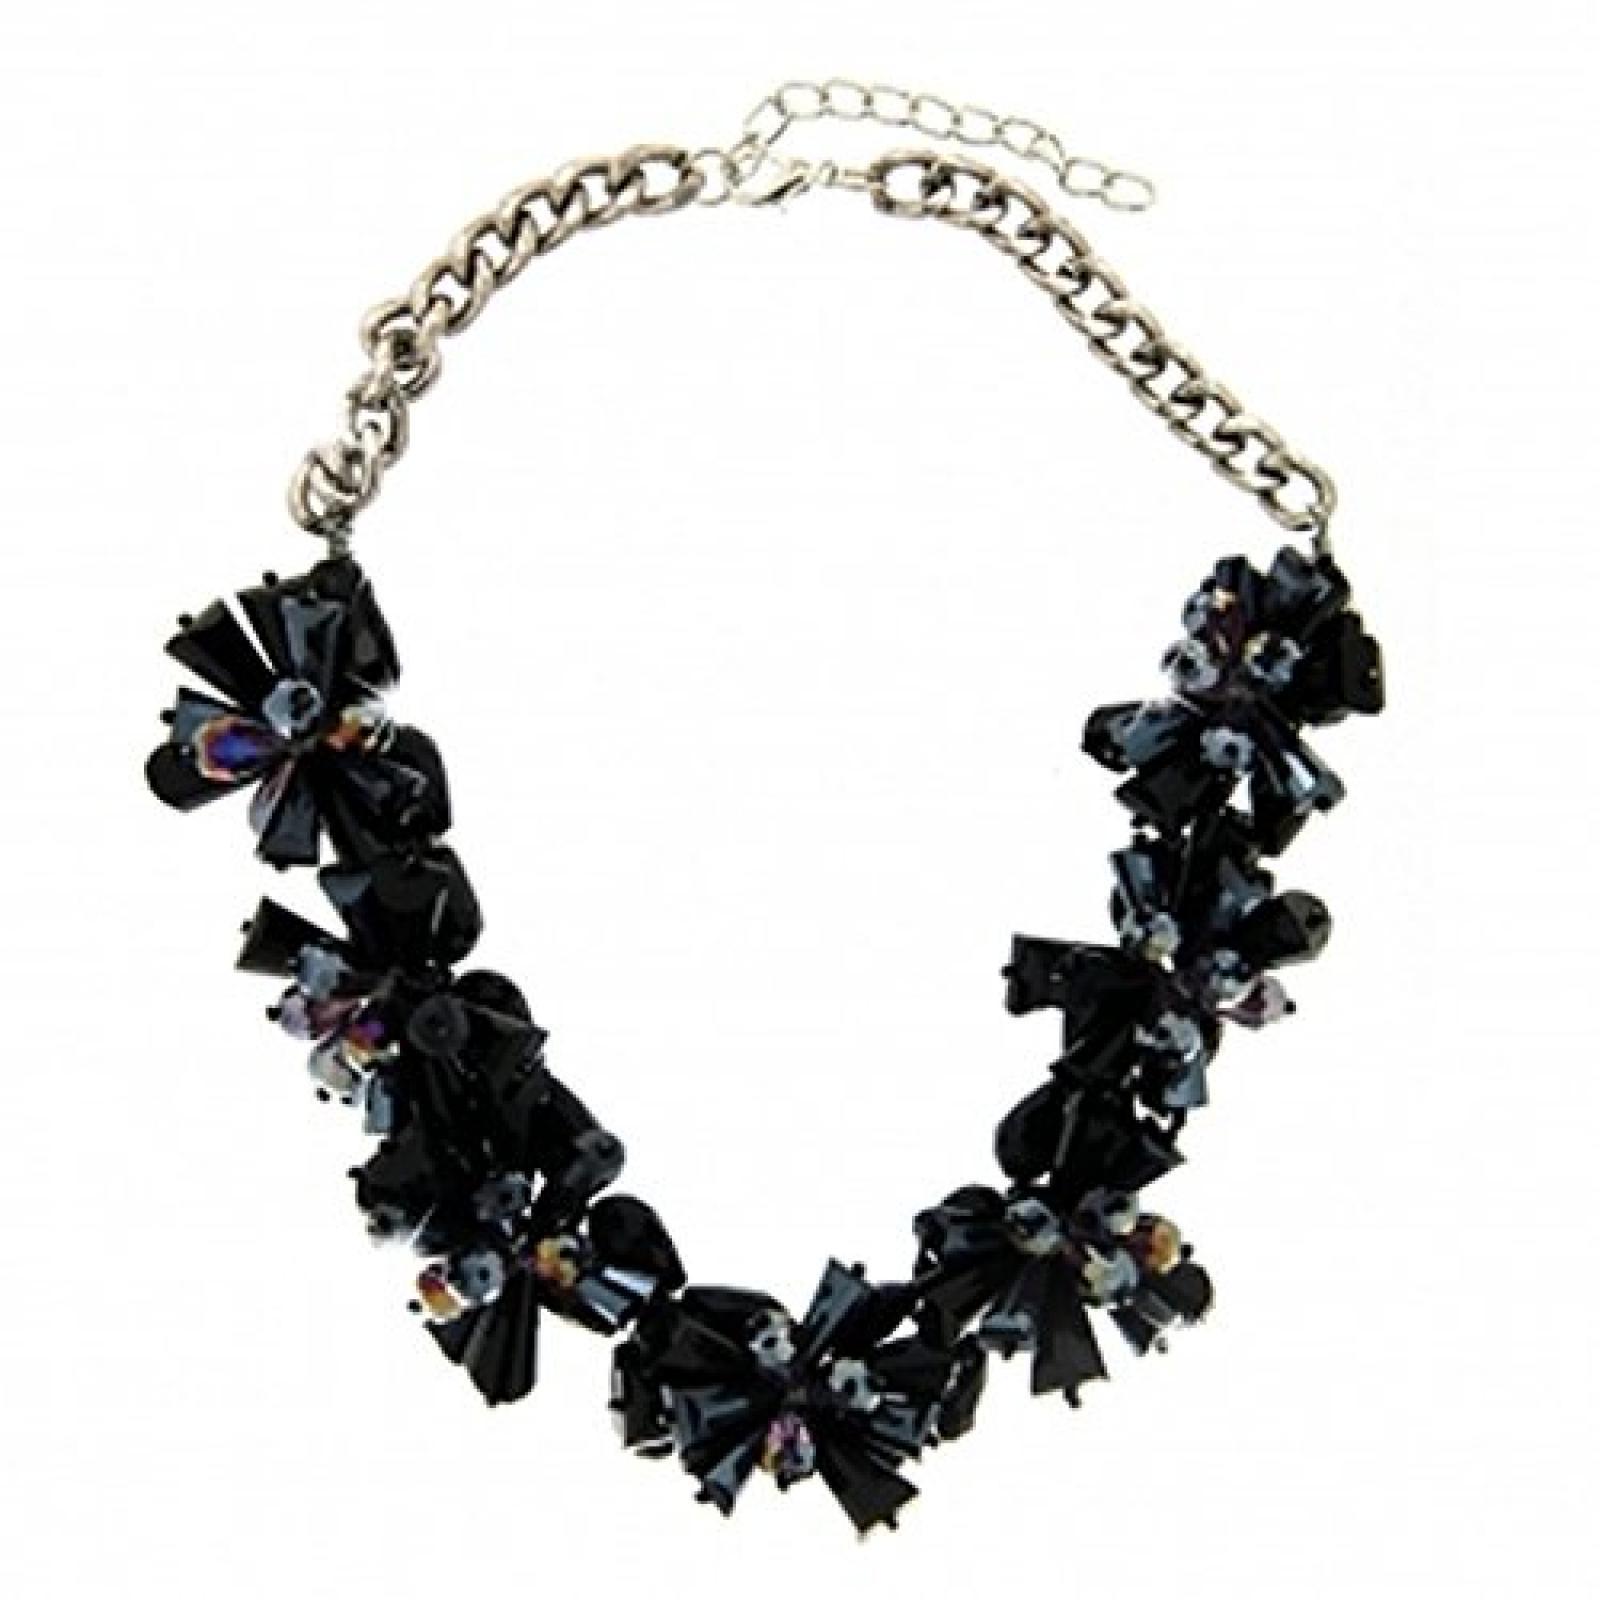 Sweet Deluxe Statement Halskette SOLEY stylish silber mit schwarz schillernden Blüten besetzt